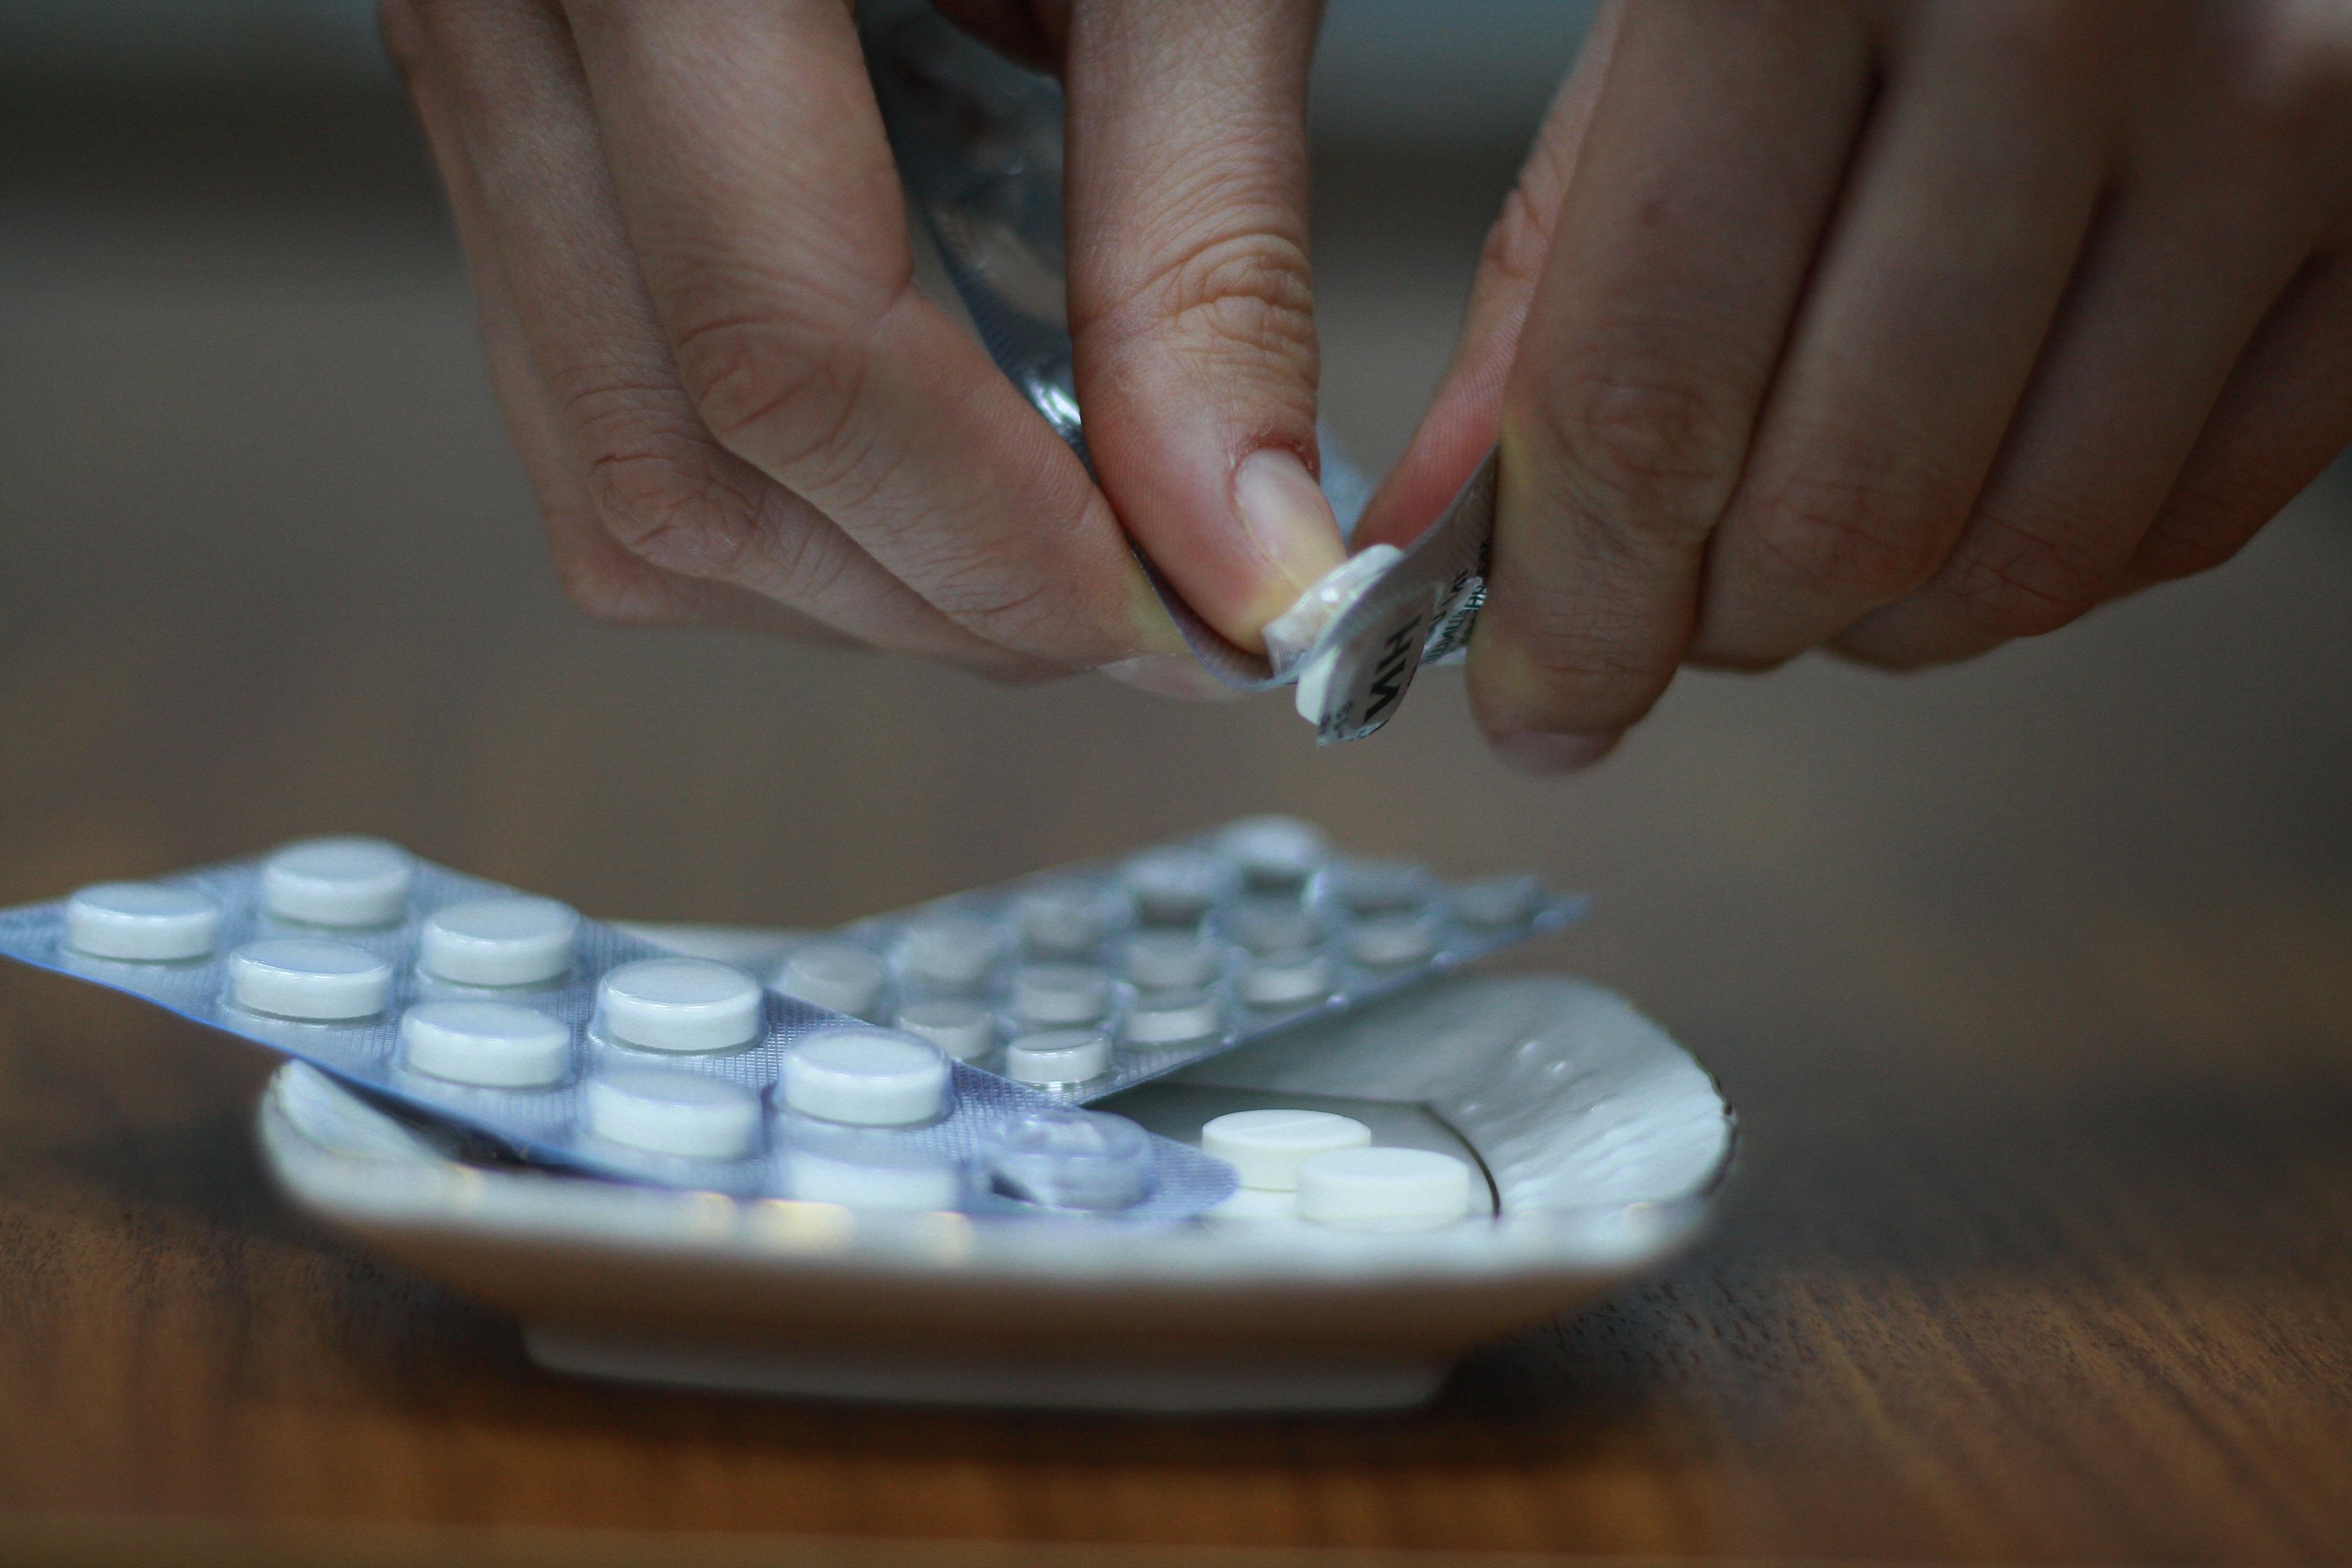 Во Франции испытание нового лекарства привело к национальной трагедии